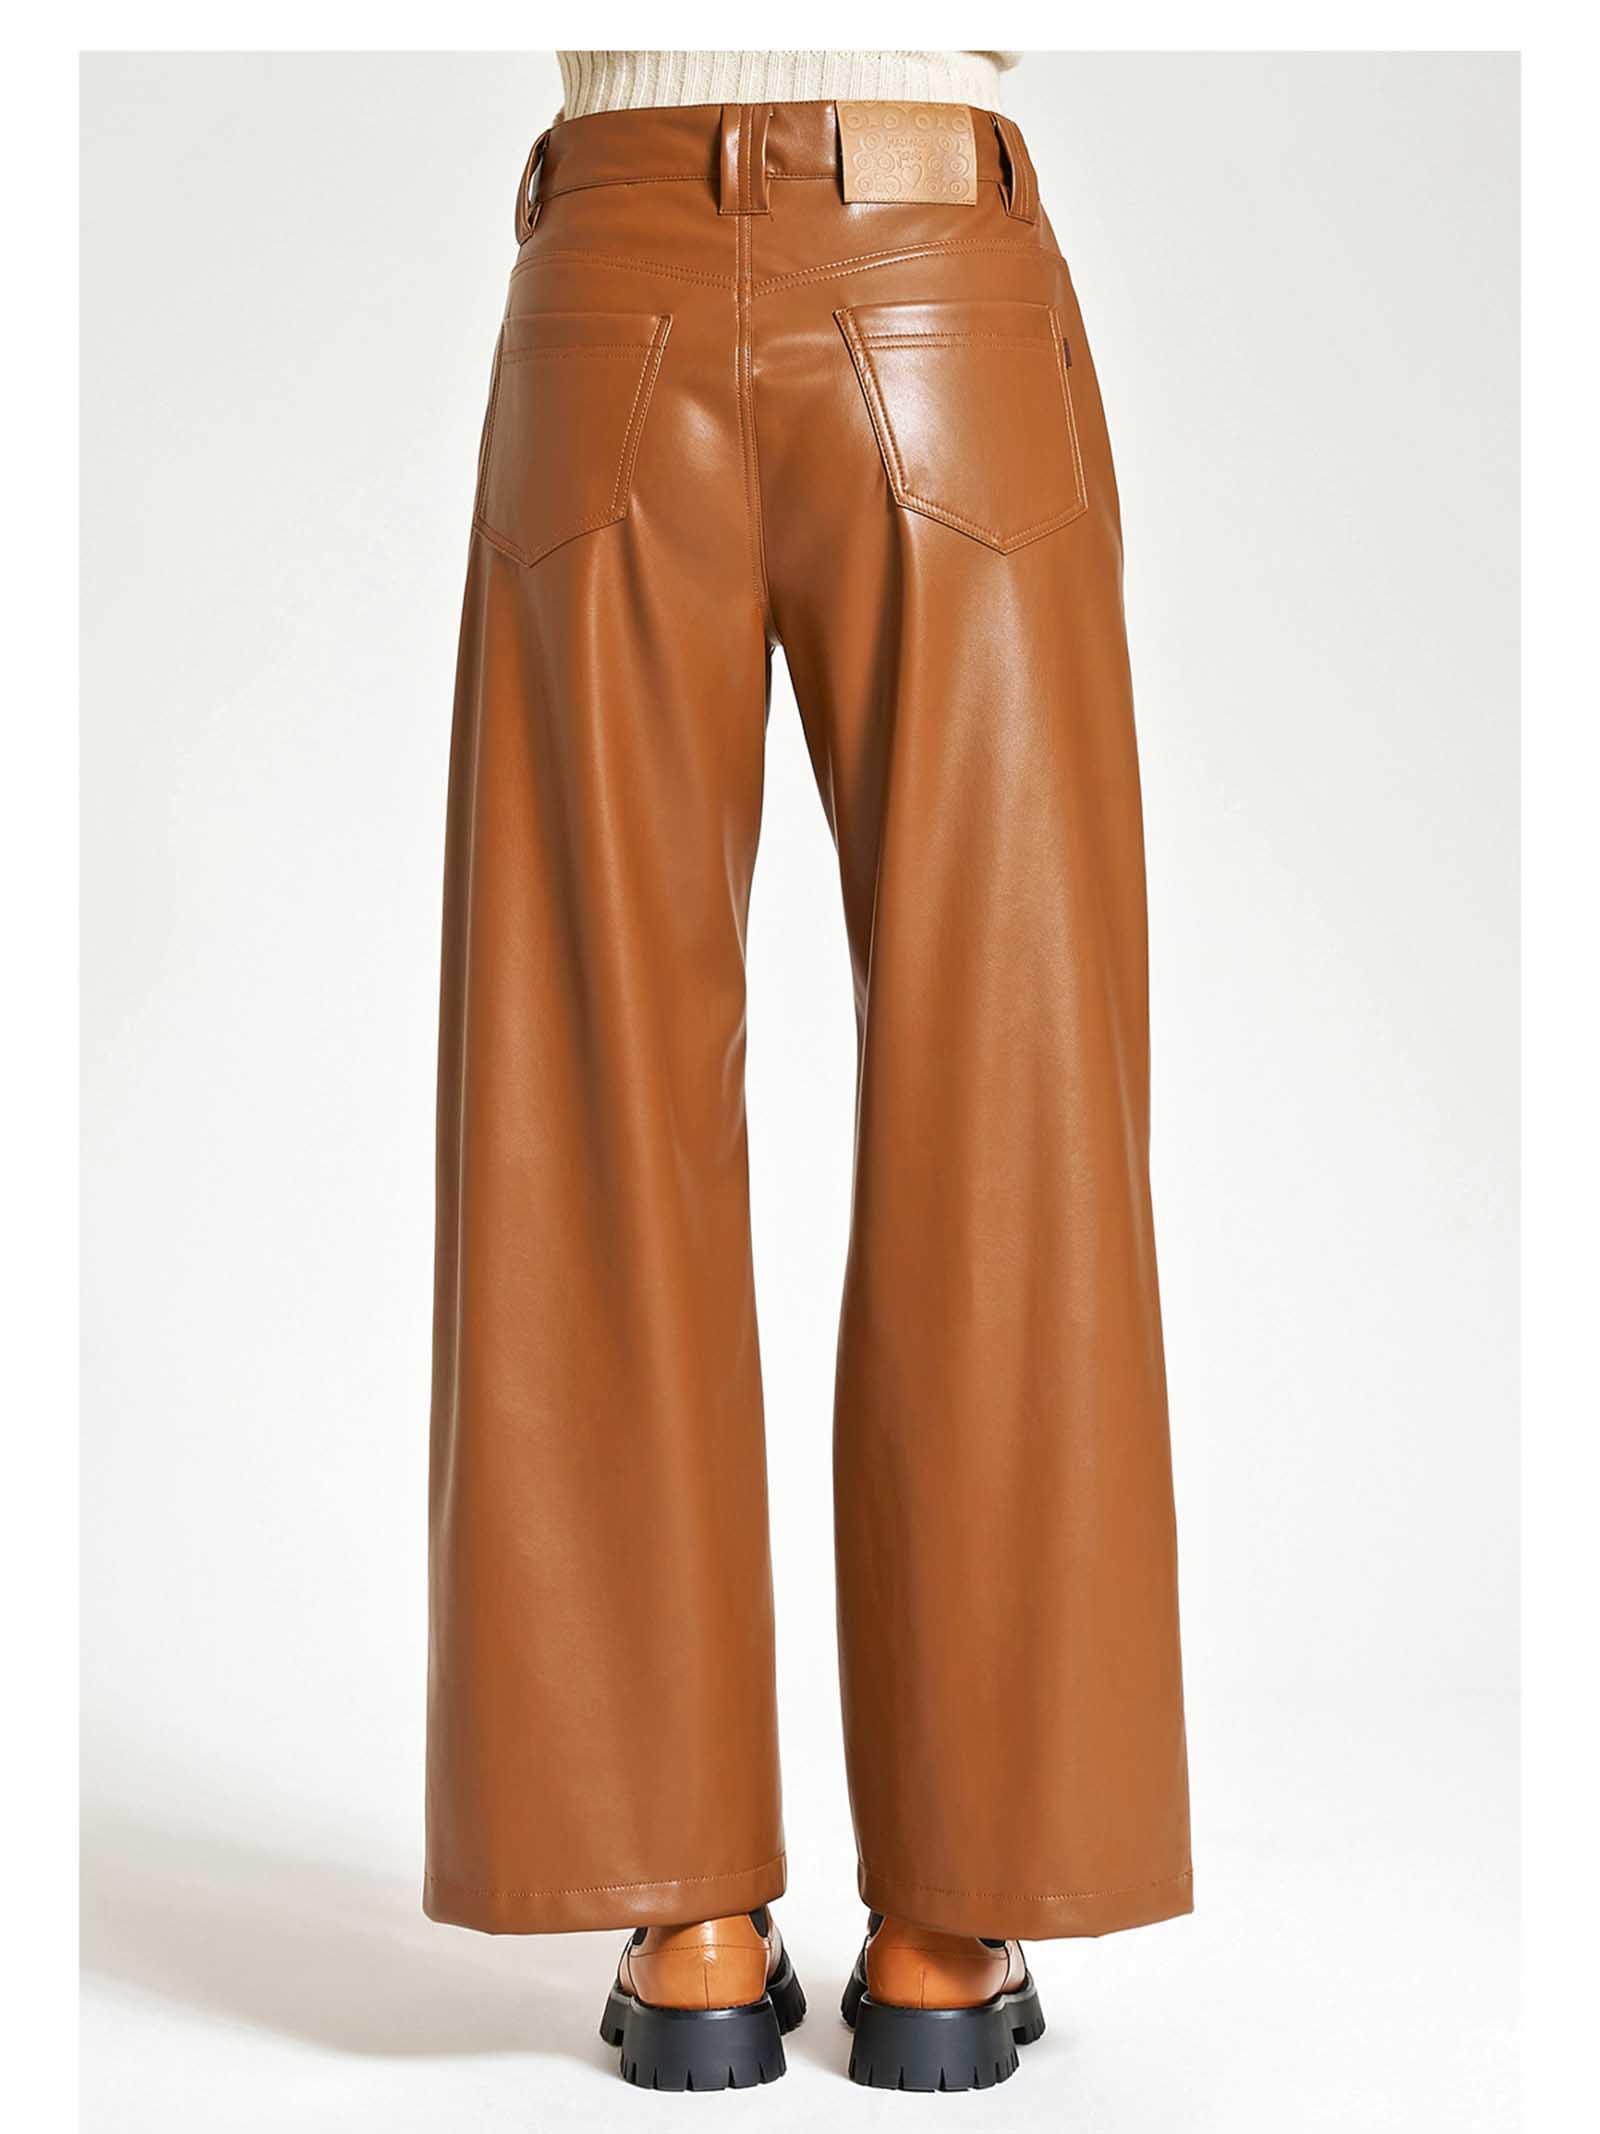 Abbigliamento Donna Pantaloni Leather in Ecopelle Cuoio Taglio Denim a Gamba Dritta Maliparmi   Gonne e Pantaloni   JH74615056941008